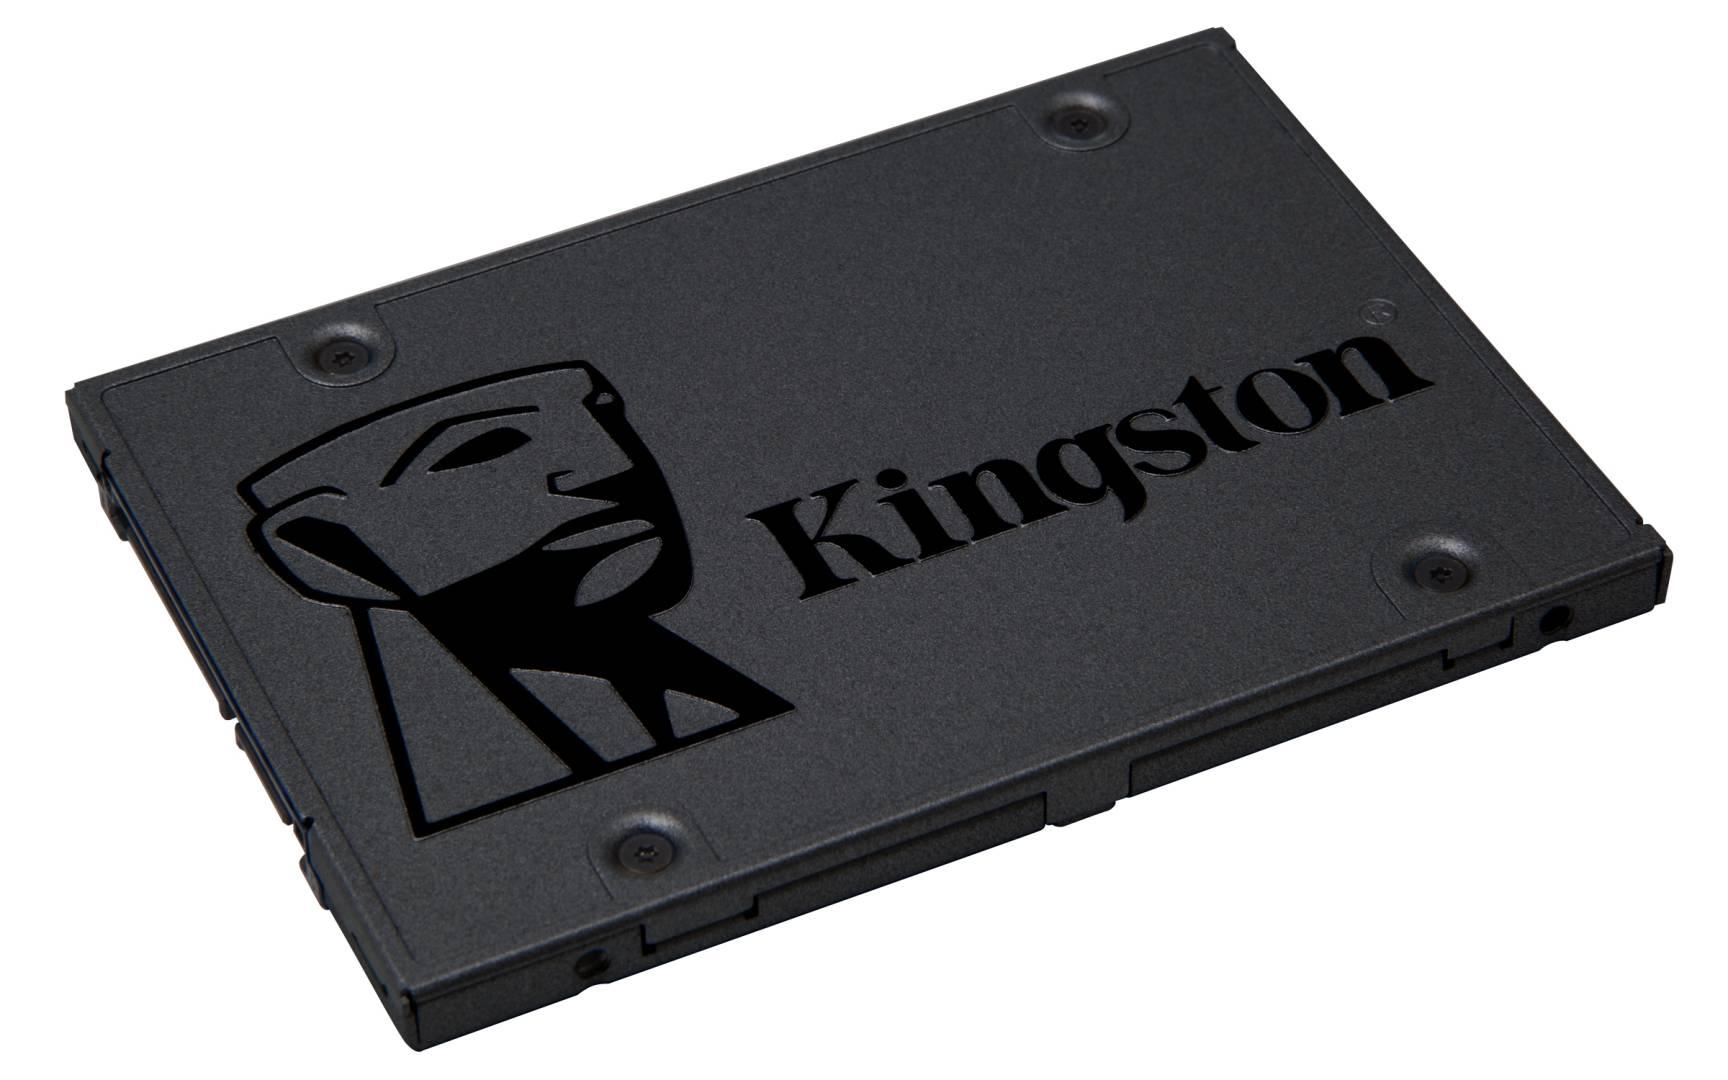 KINGSTON 240GB 2.5 SATA III SA400S37240G A400 series